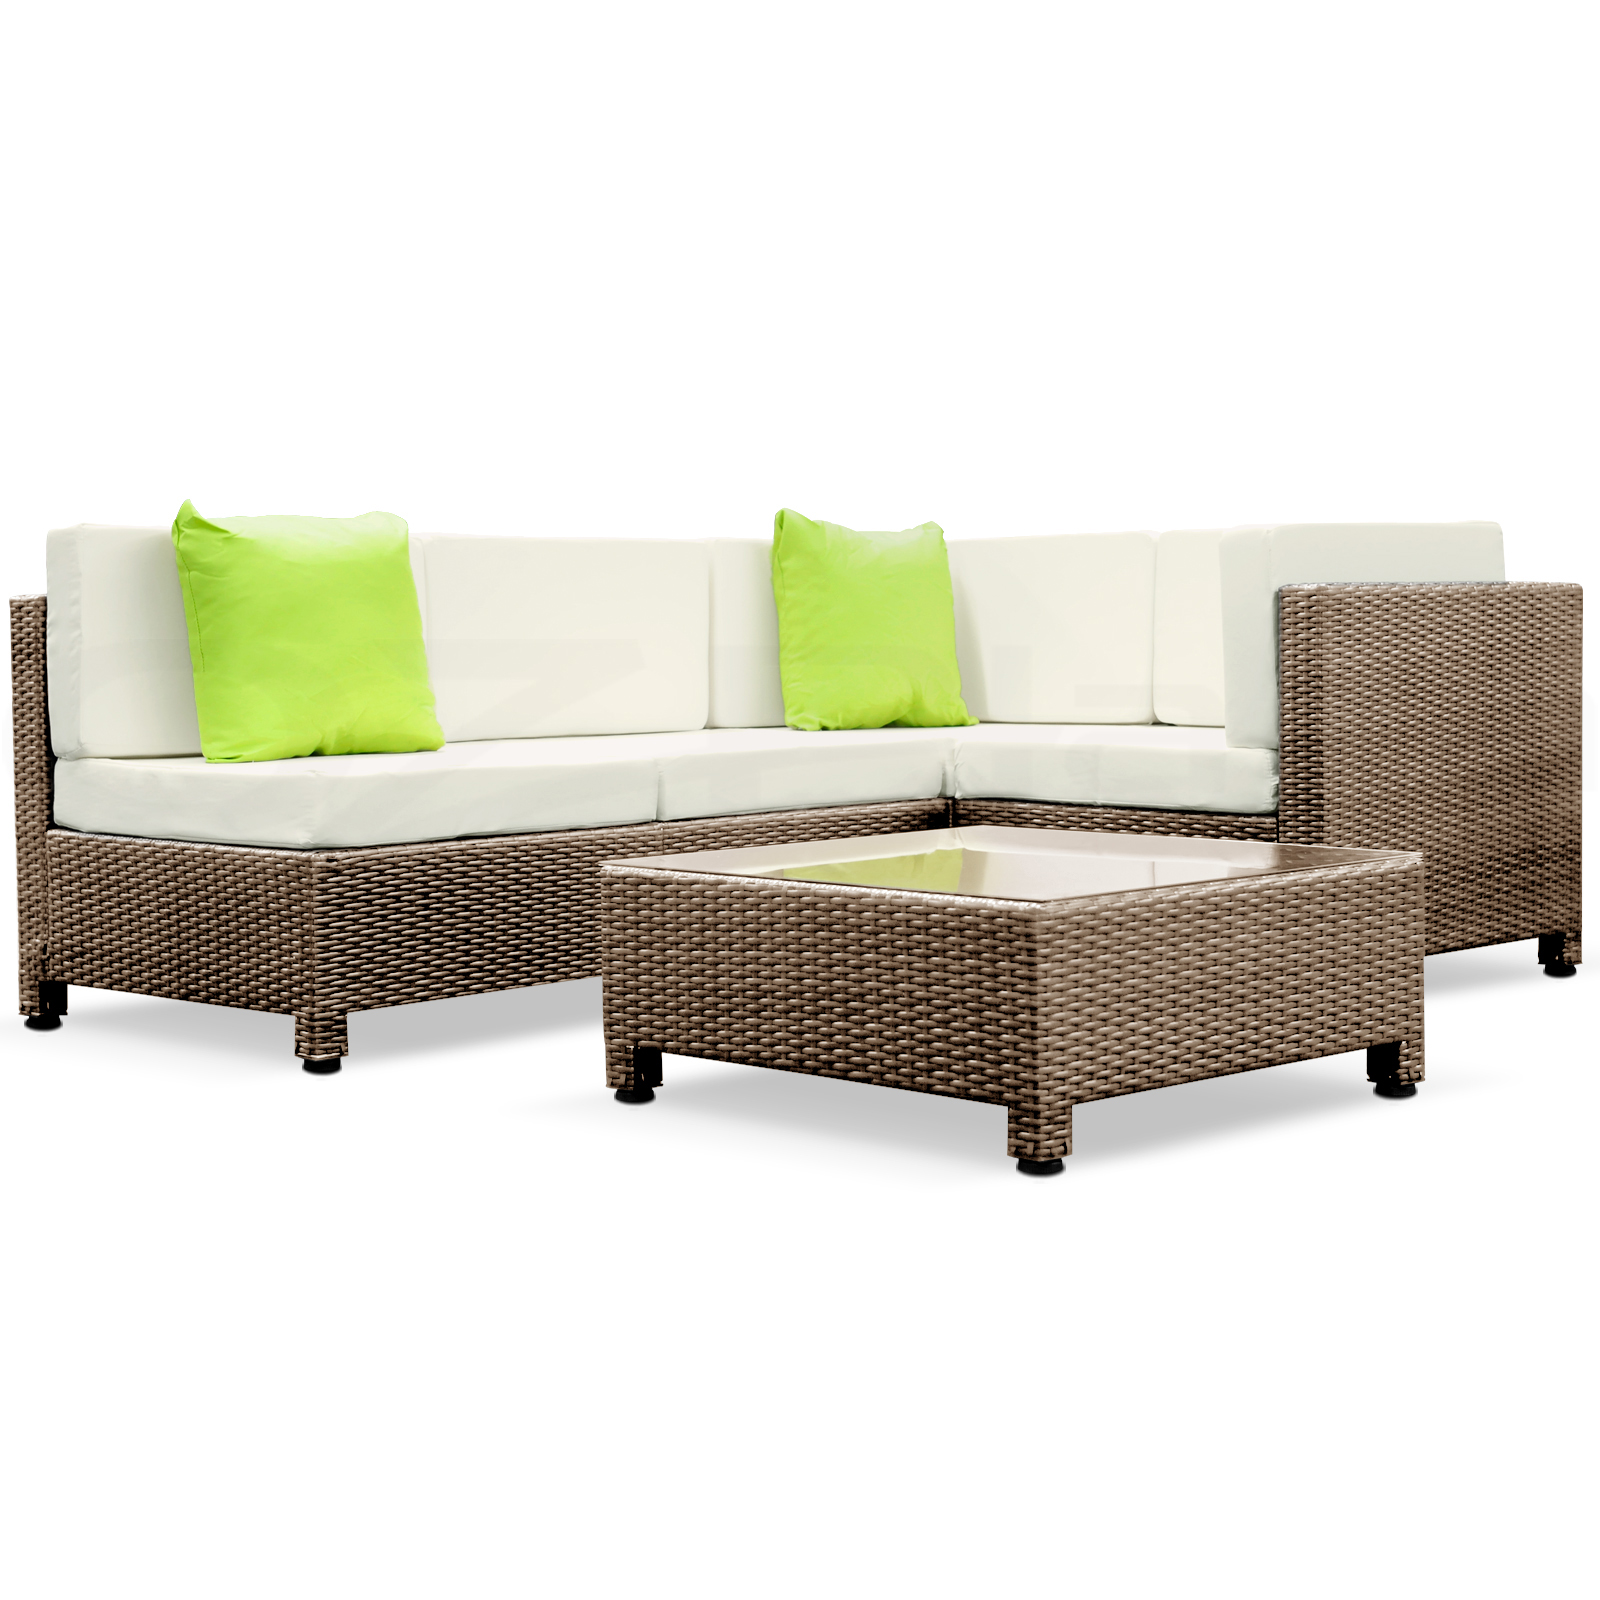 Brown Outdoor Furniture Wicker 5pc PE Rattan SET Garden ...